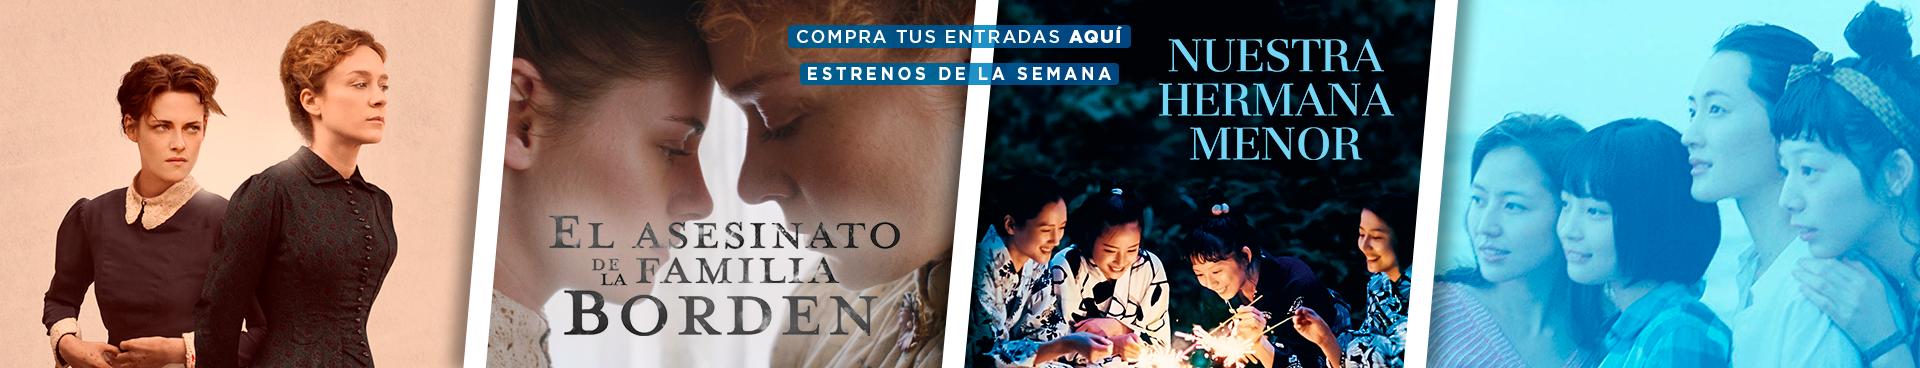 ESTRENO: EL ASESINATO DE LA FAMILIA BORDEN + NUESTRA HERMANA MENOR,  COMPRA TUS ENTRADAS AQUÍ